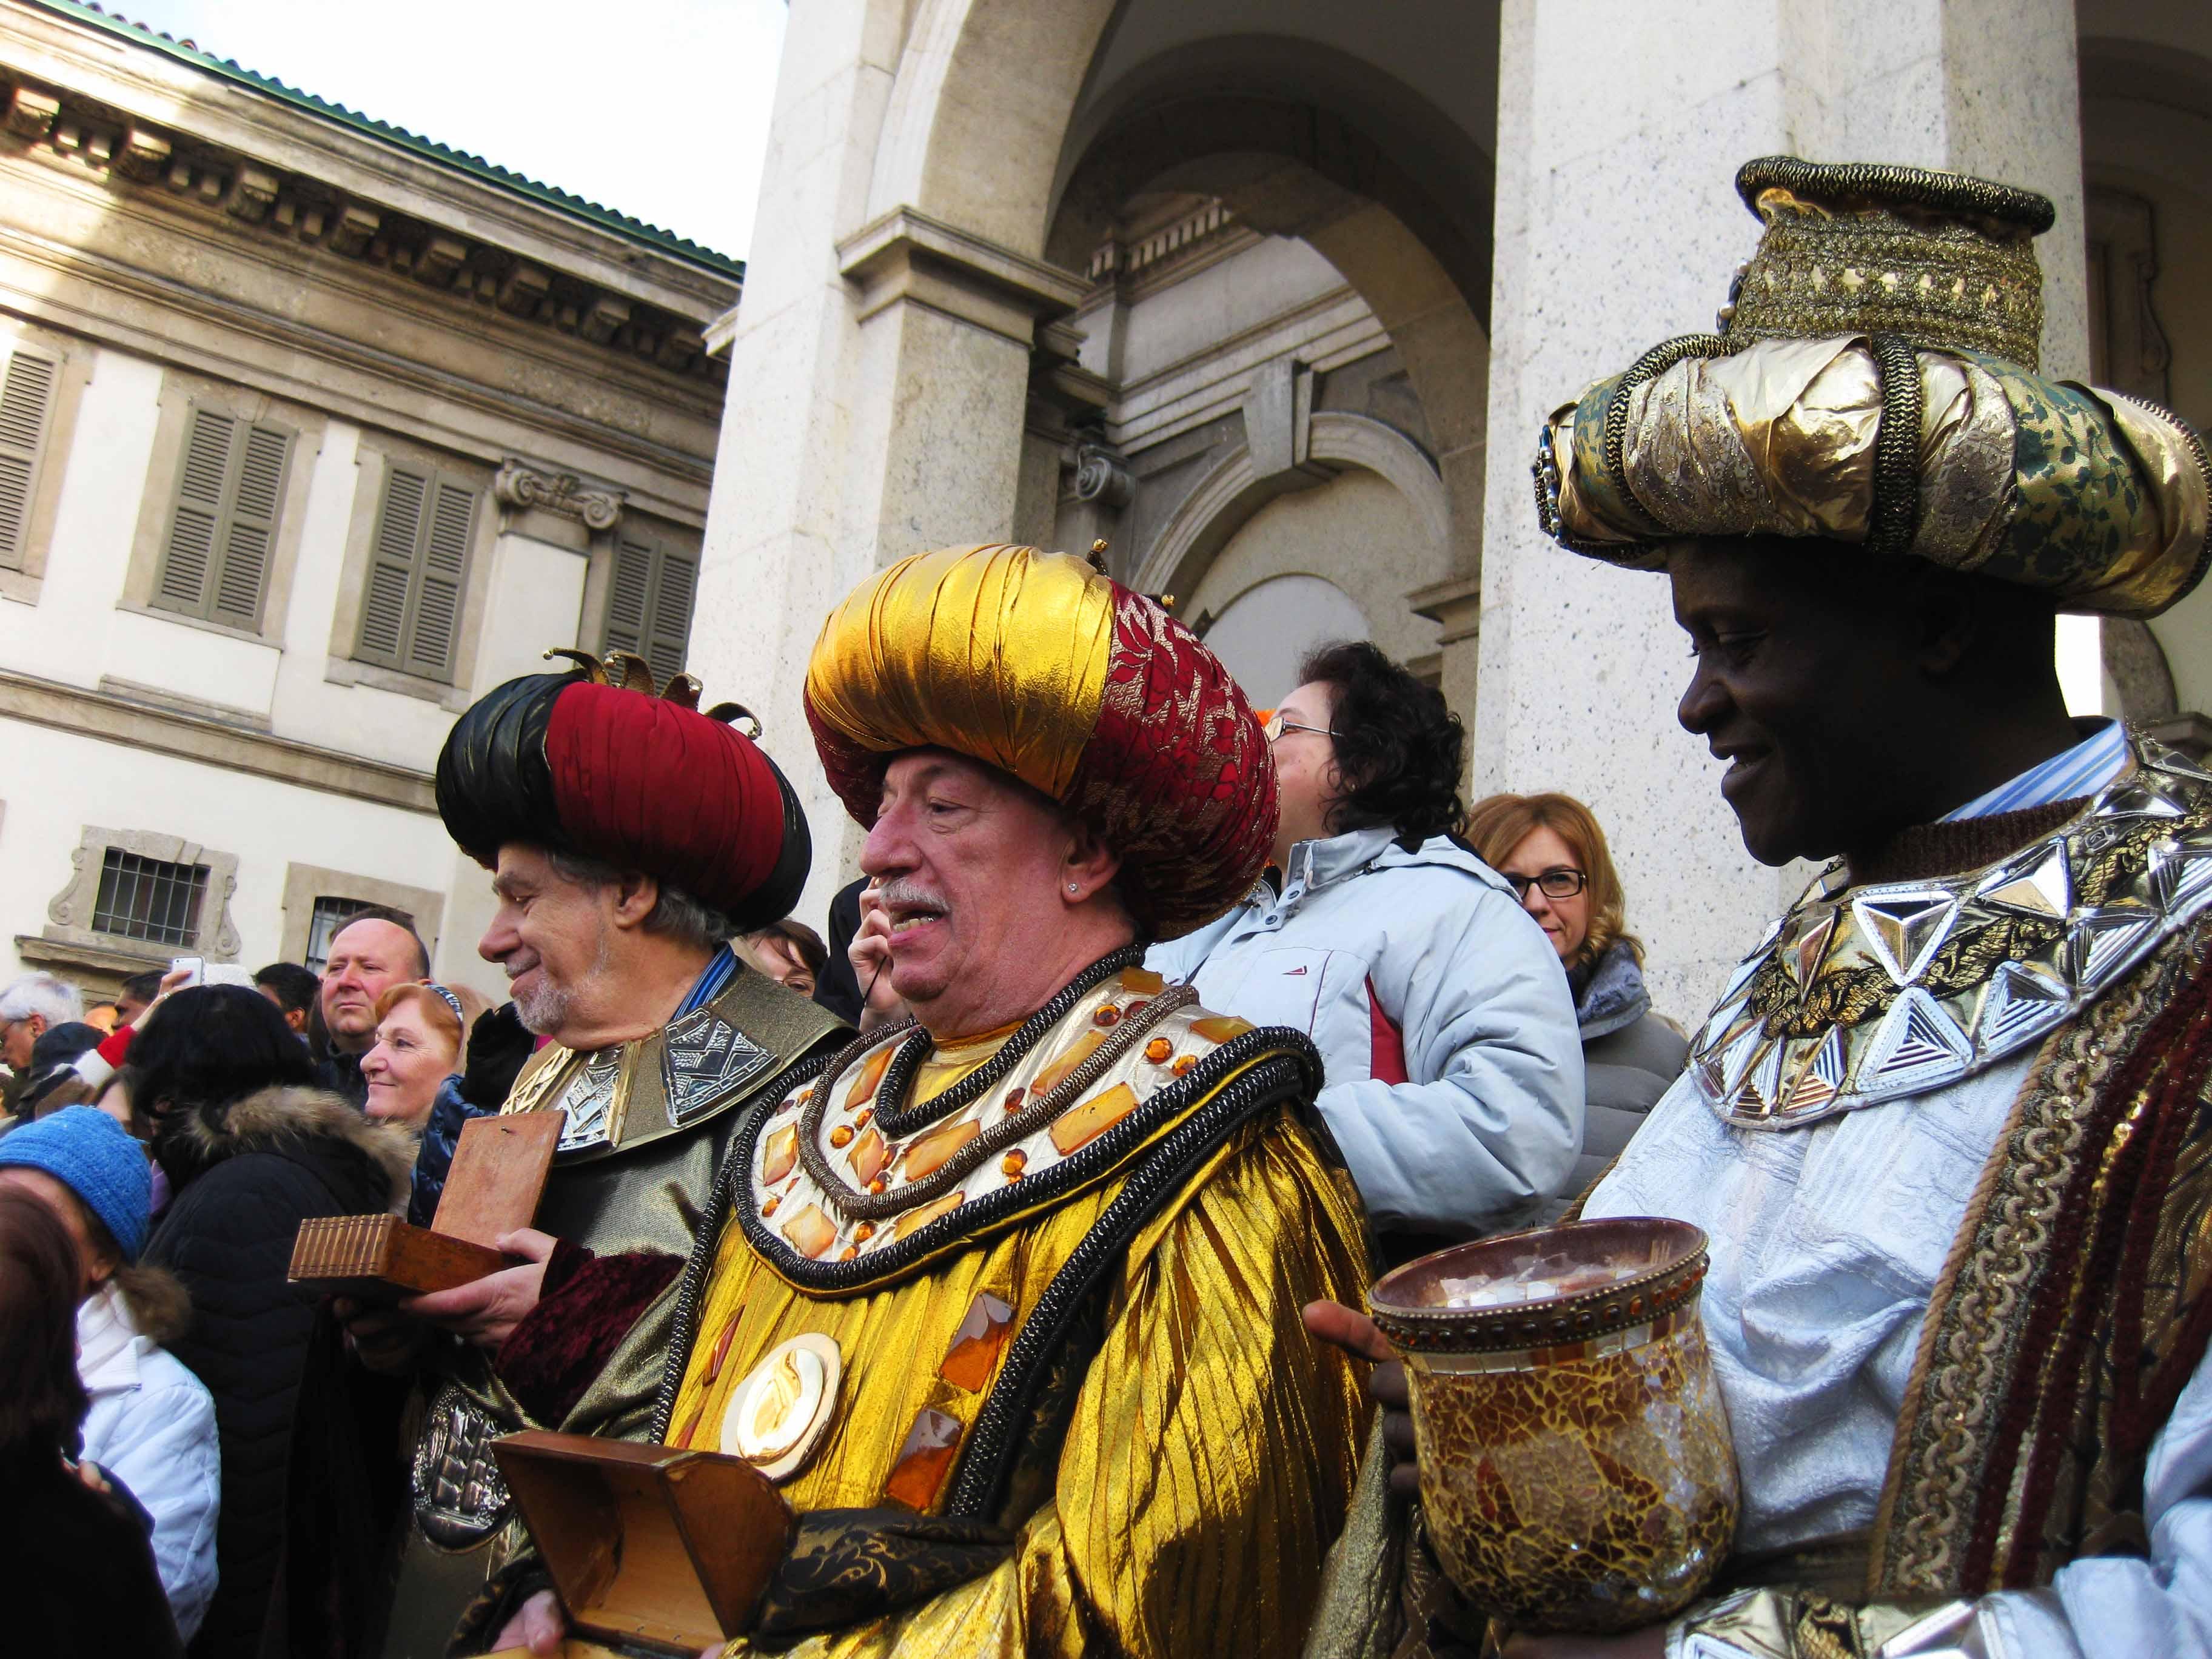 Processione dei Re Magi a Milano dal Duomo a Sant'Eustorgio. Femata davanti a Basilica di  San Lorenzo. I Magi Incontrano Erode.